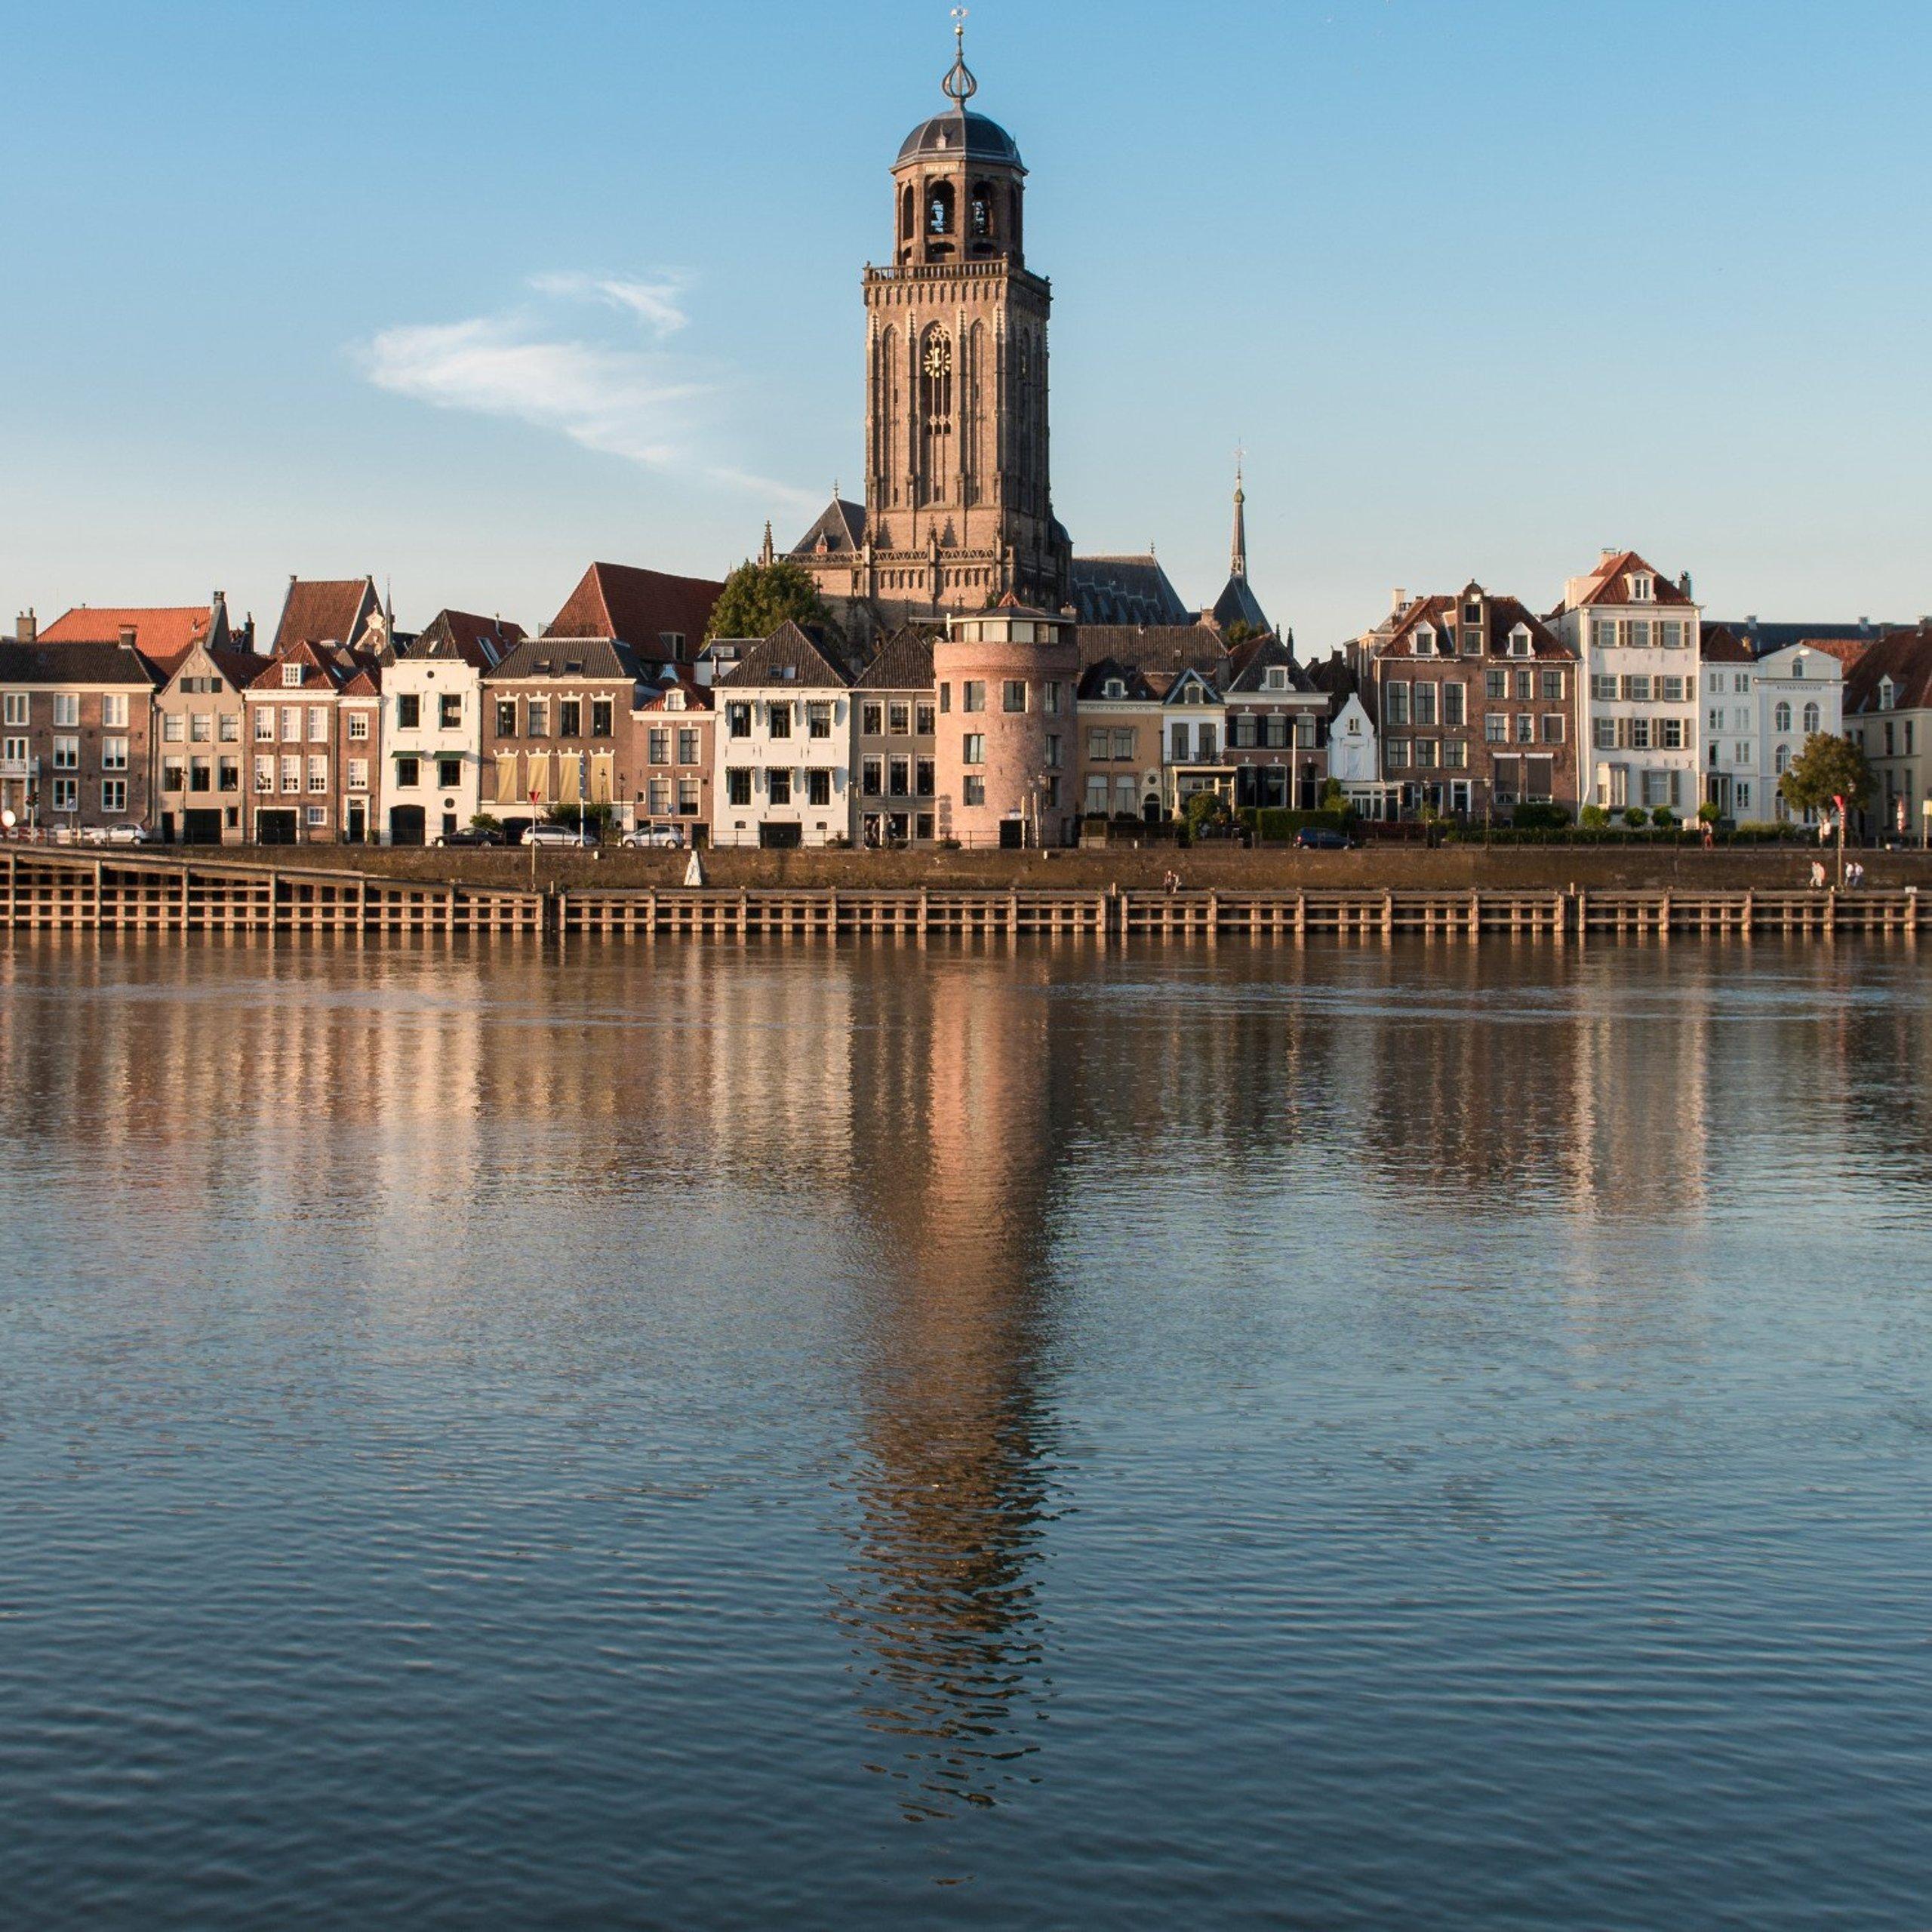 Verhuizen naar Deventer? Maak het jezelf gemakkelijk